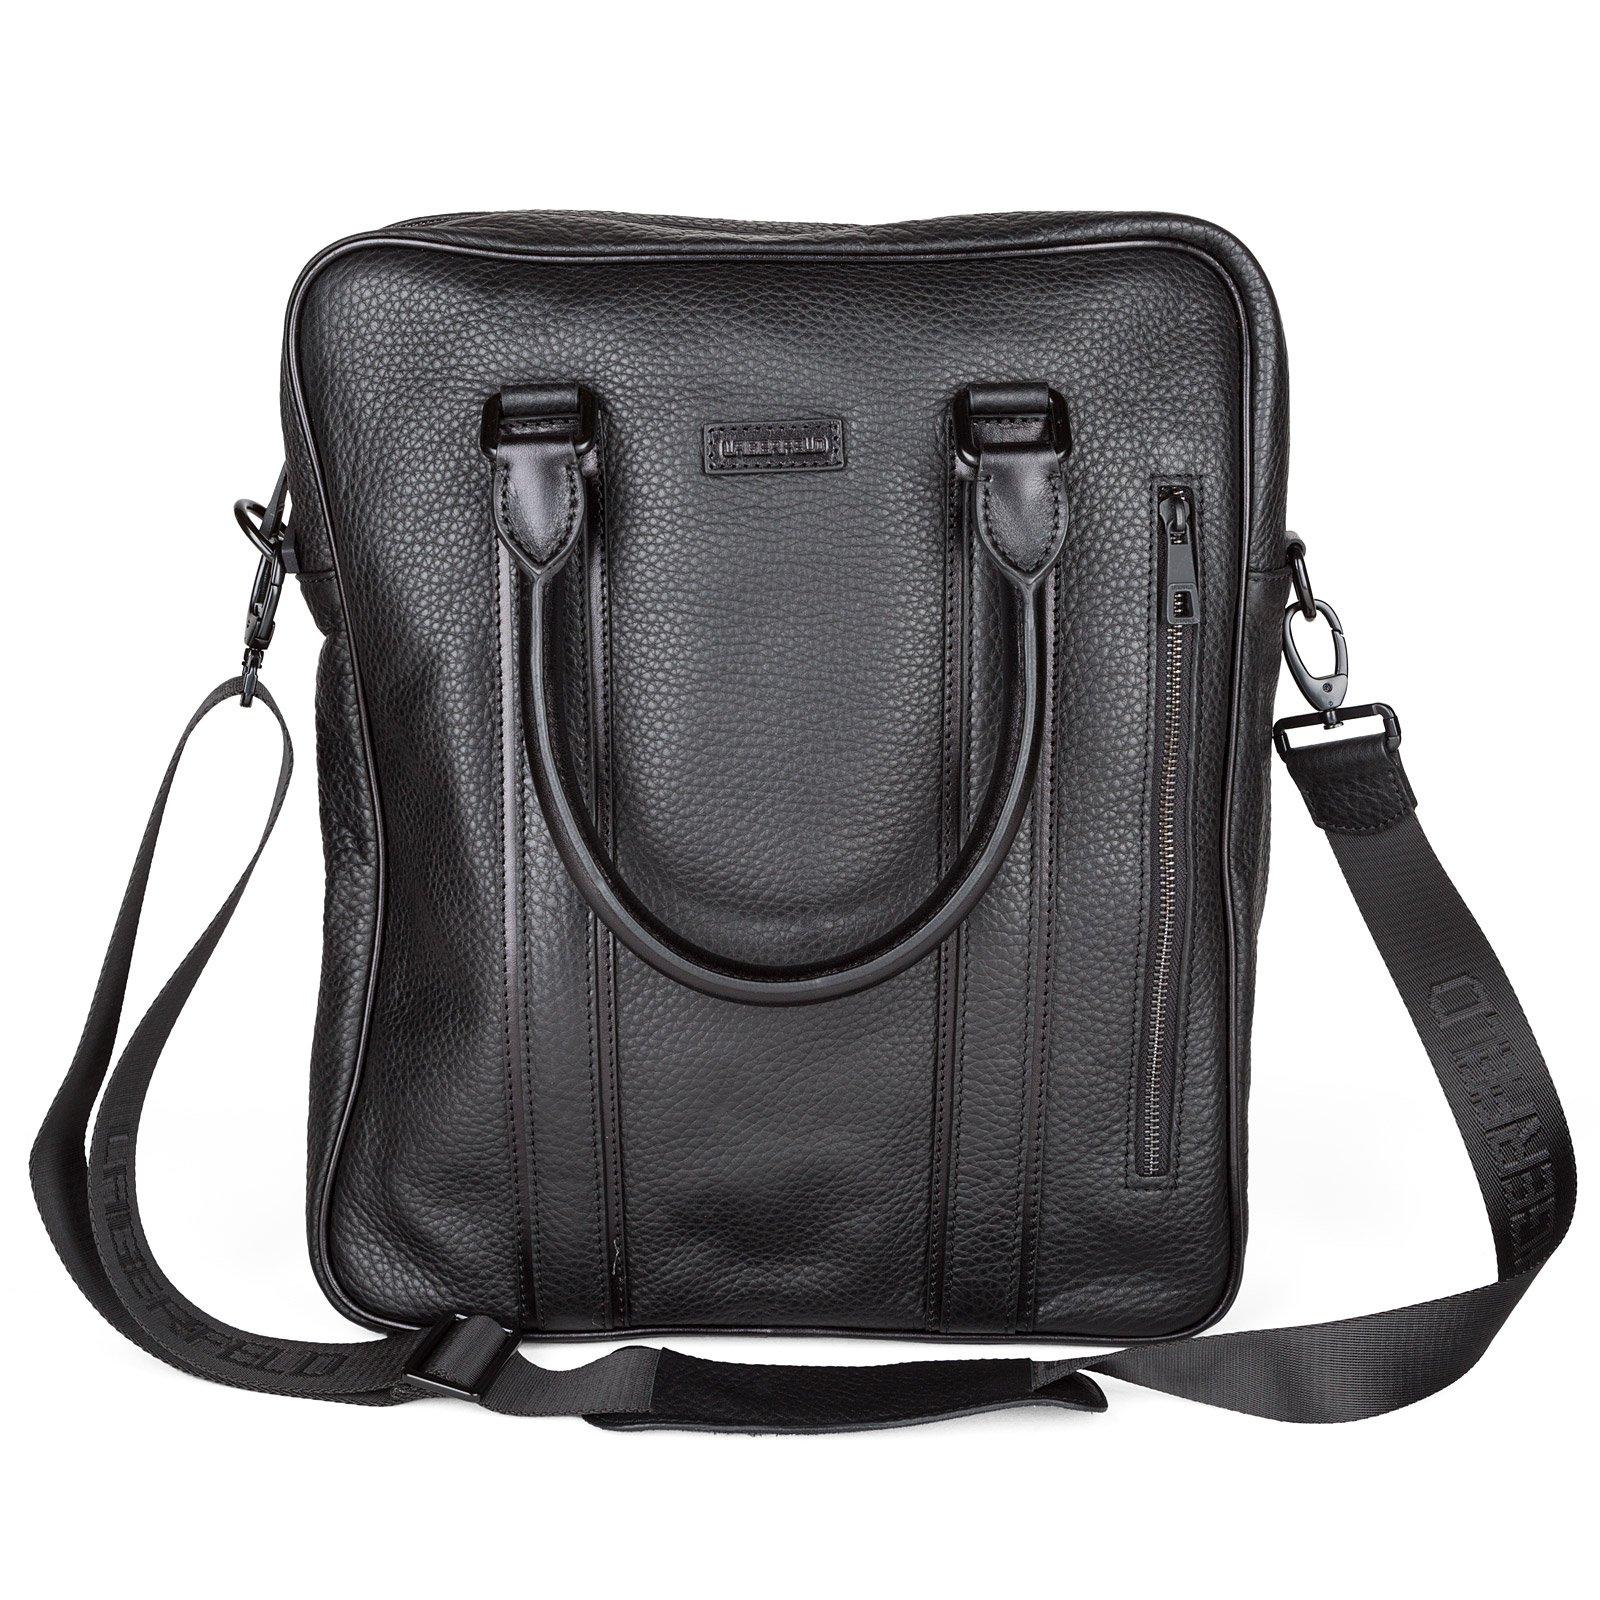 Laptop Bags Nz